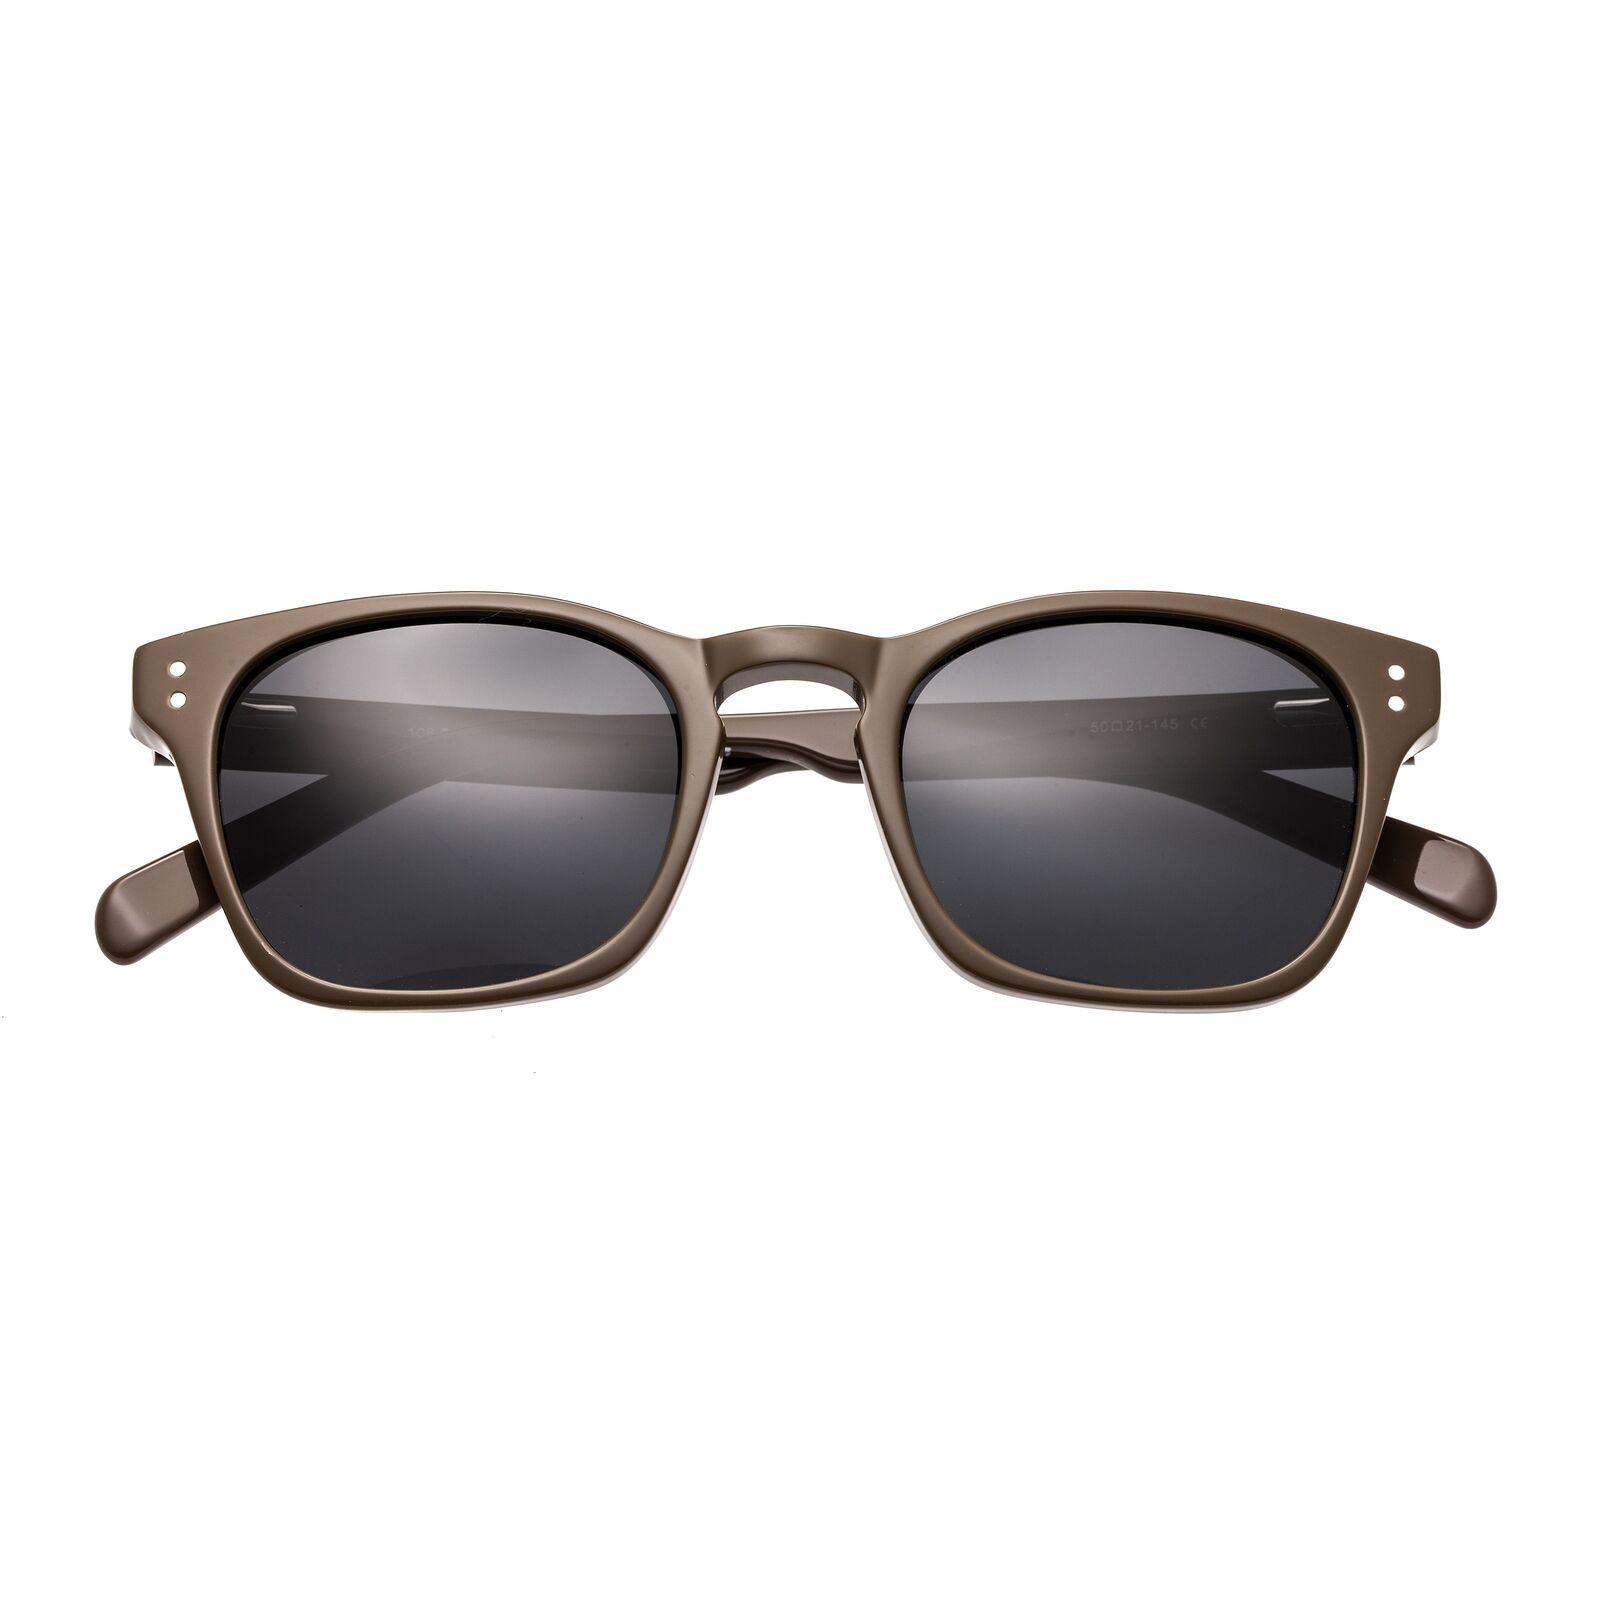 83a8c85d42 Details about Simplify Bennett Unisex Polarized Brown Black Sunglasses  106-BN